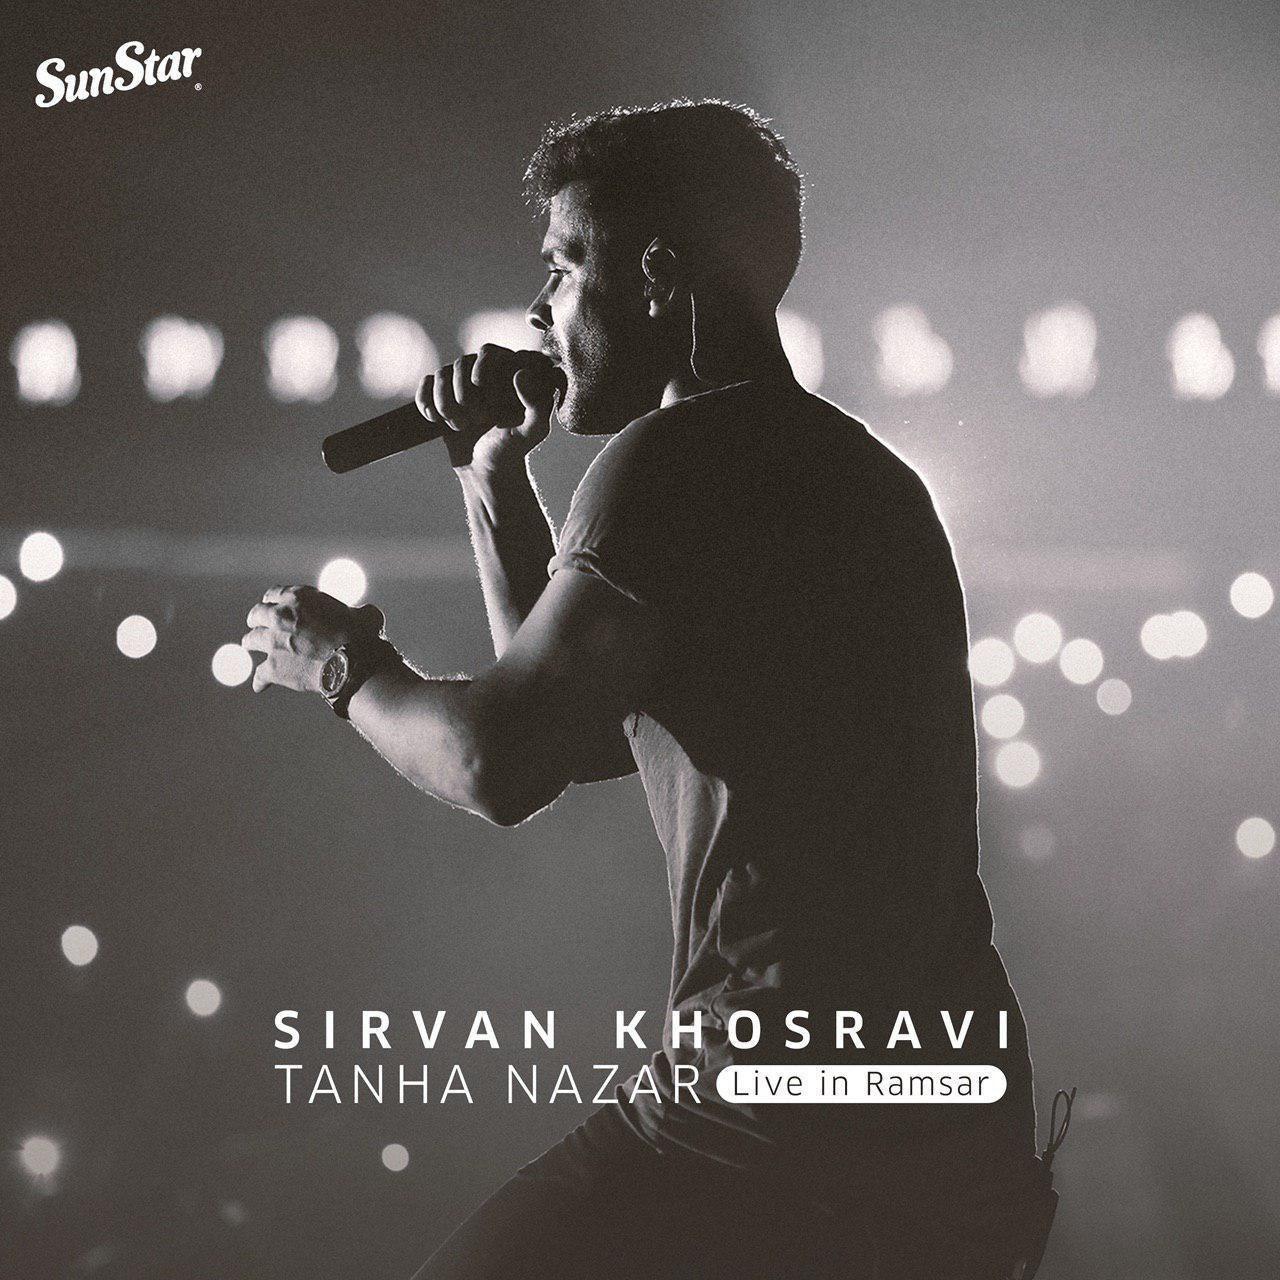 دانلود ورژن اجرای زنده آهنگ سیروان خسروی تنها نذار